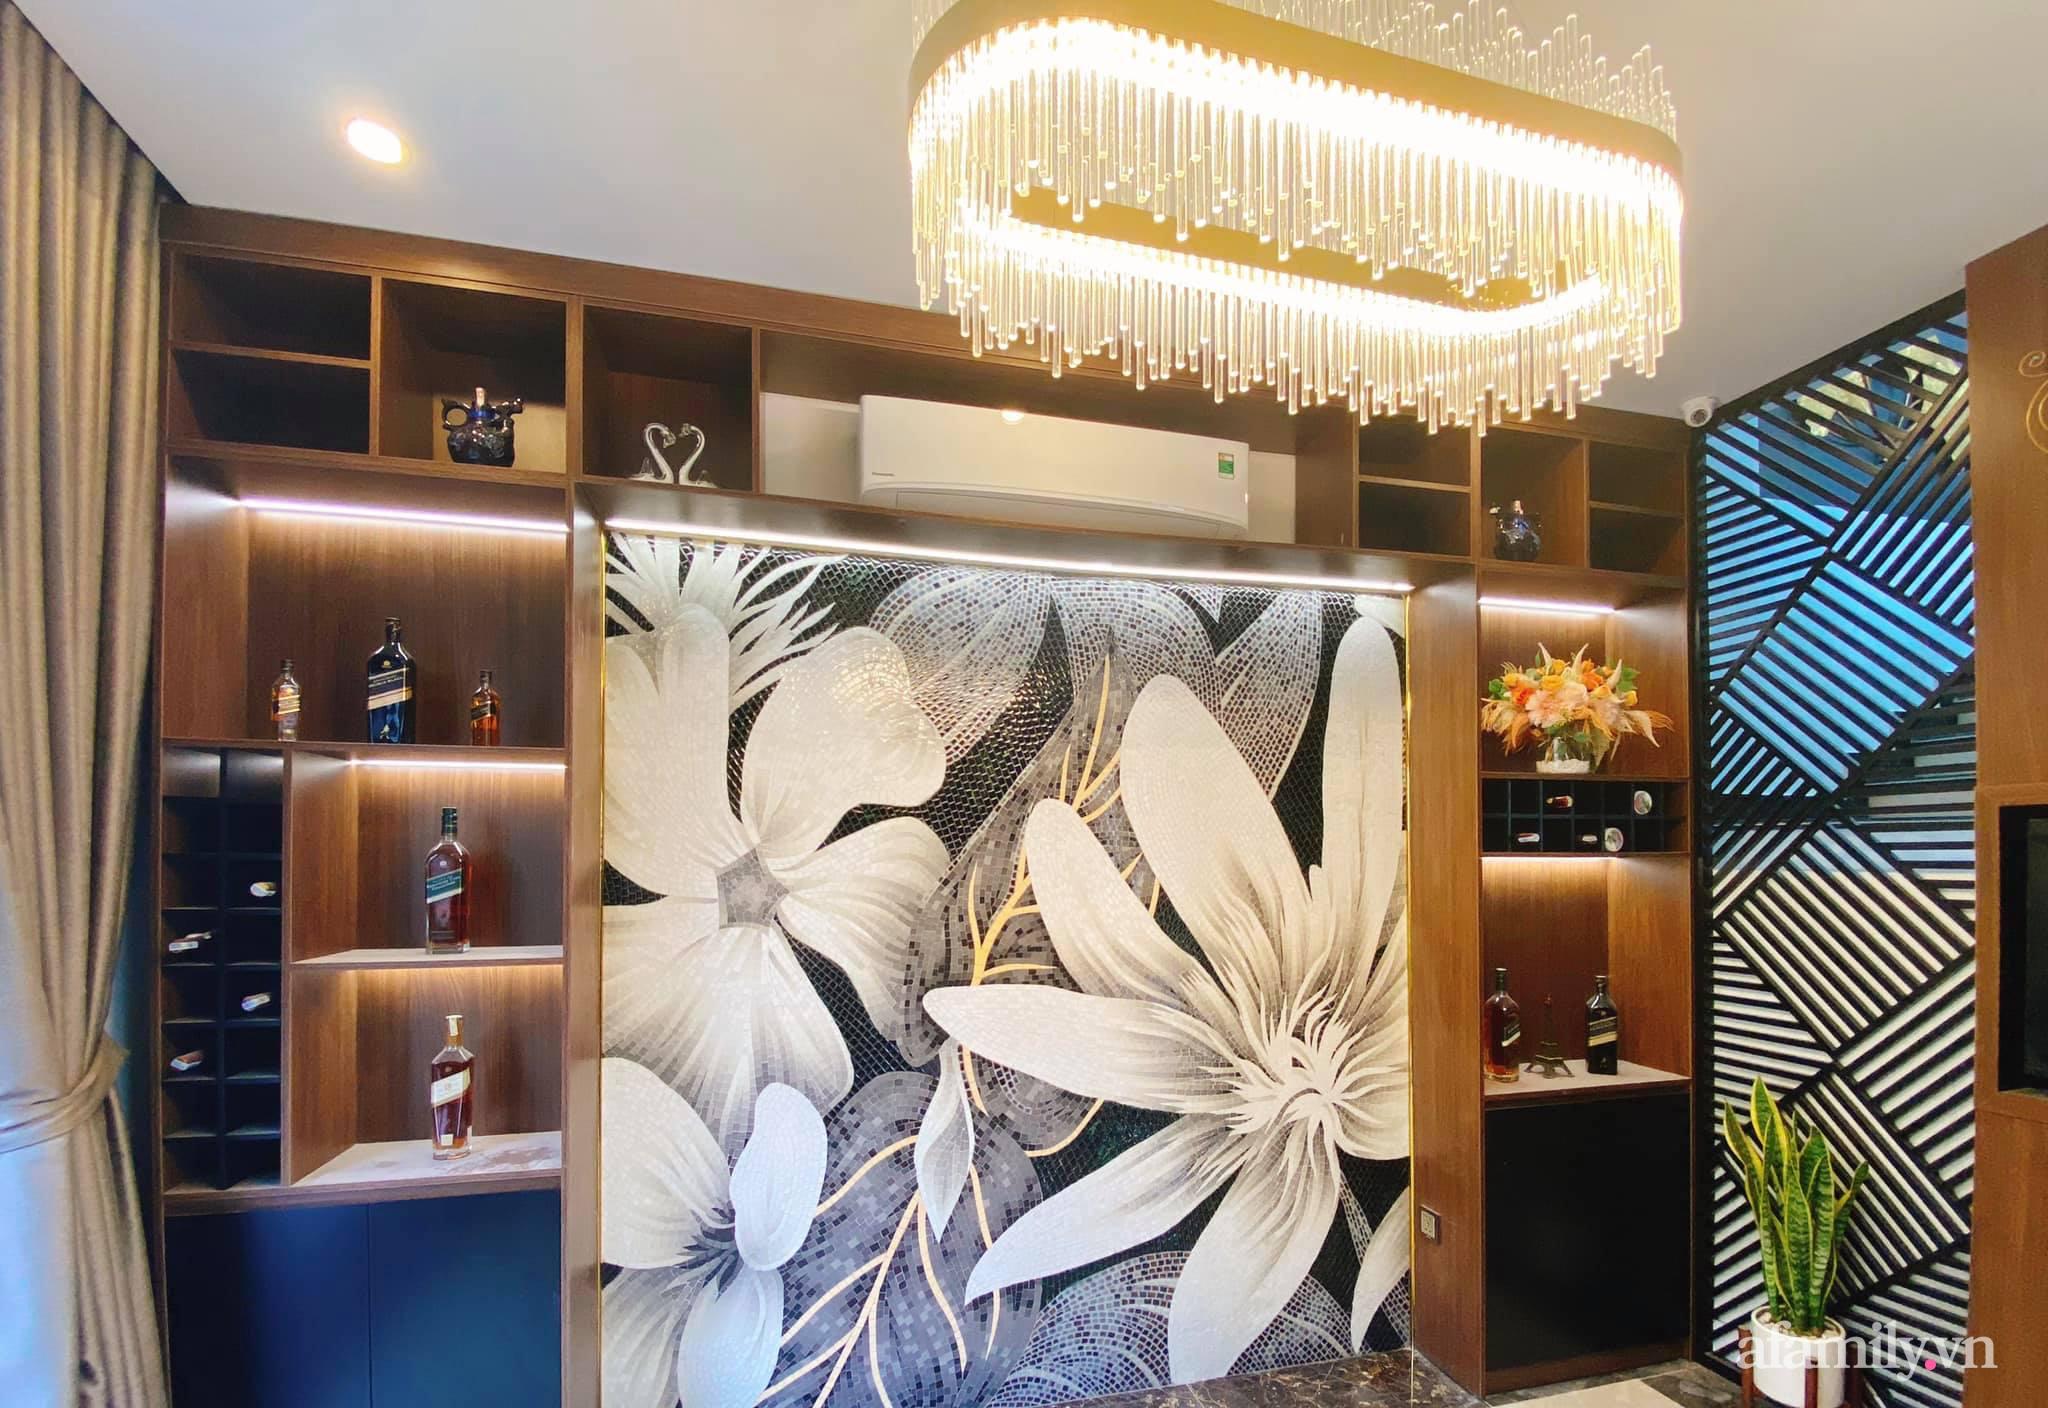 Bóc giá căn bếp đẹp chanh sả được đầu tư toàn đồ xịn sò với tổng chi phí gần 200 triệu đồng ở Hải Phòng - Ảnh 7.